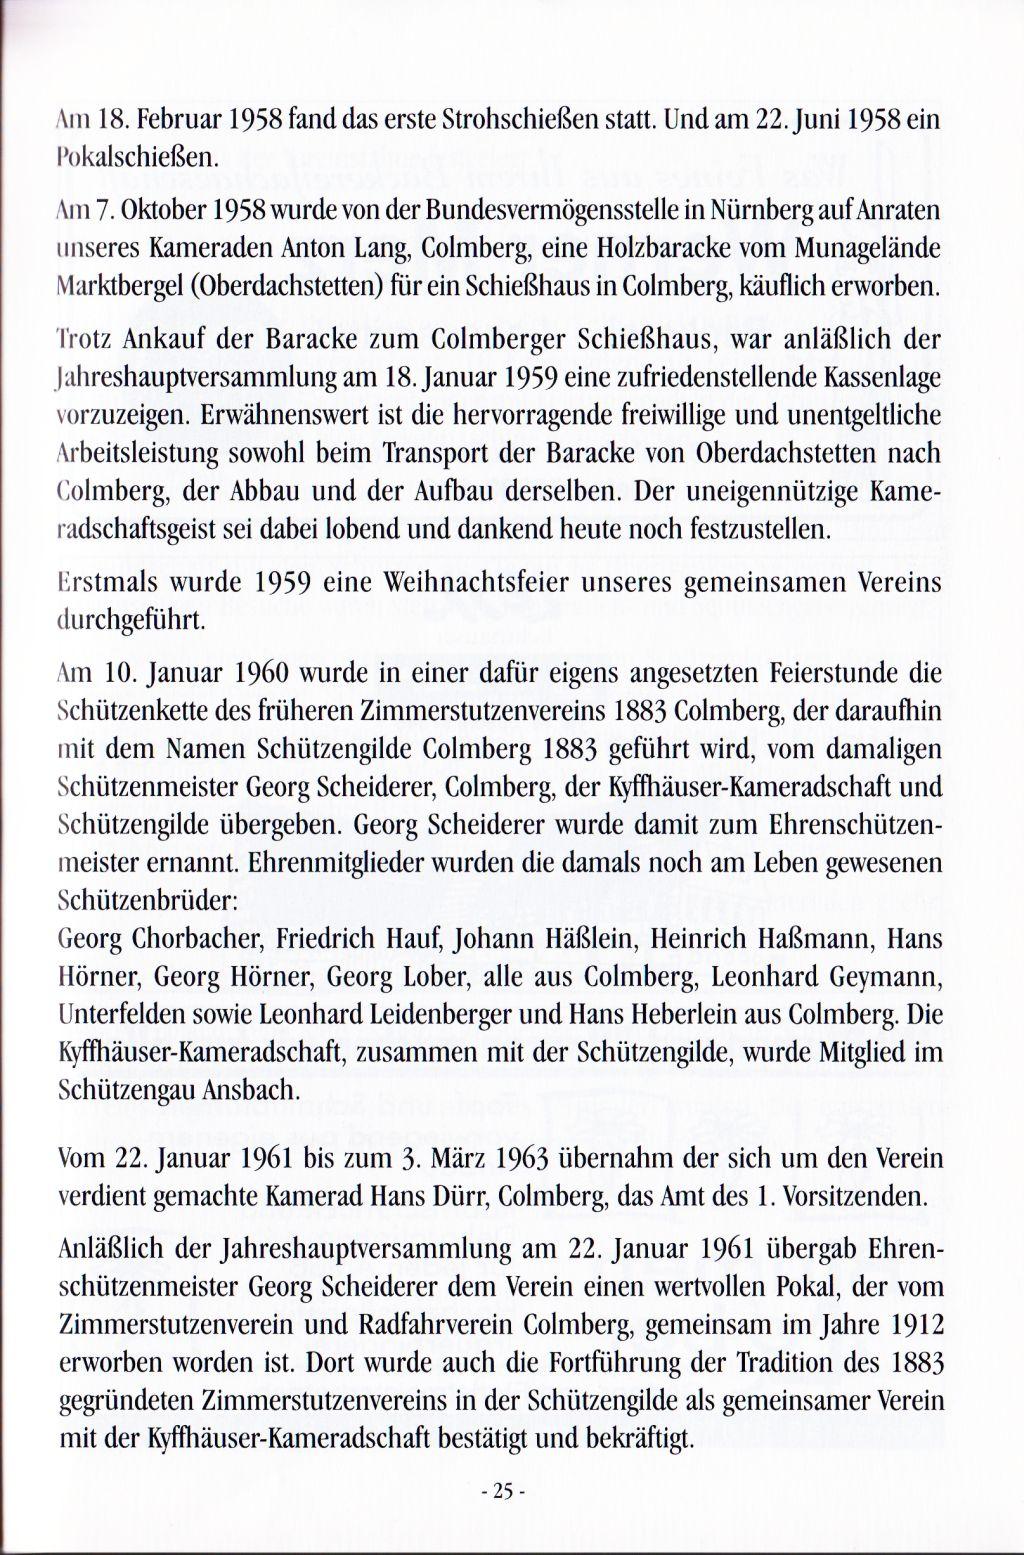 Geschichte_Kyffhaeuser_Seite6